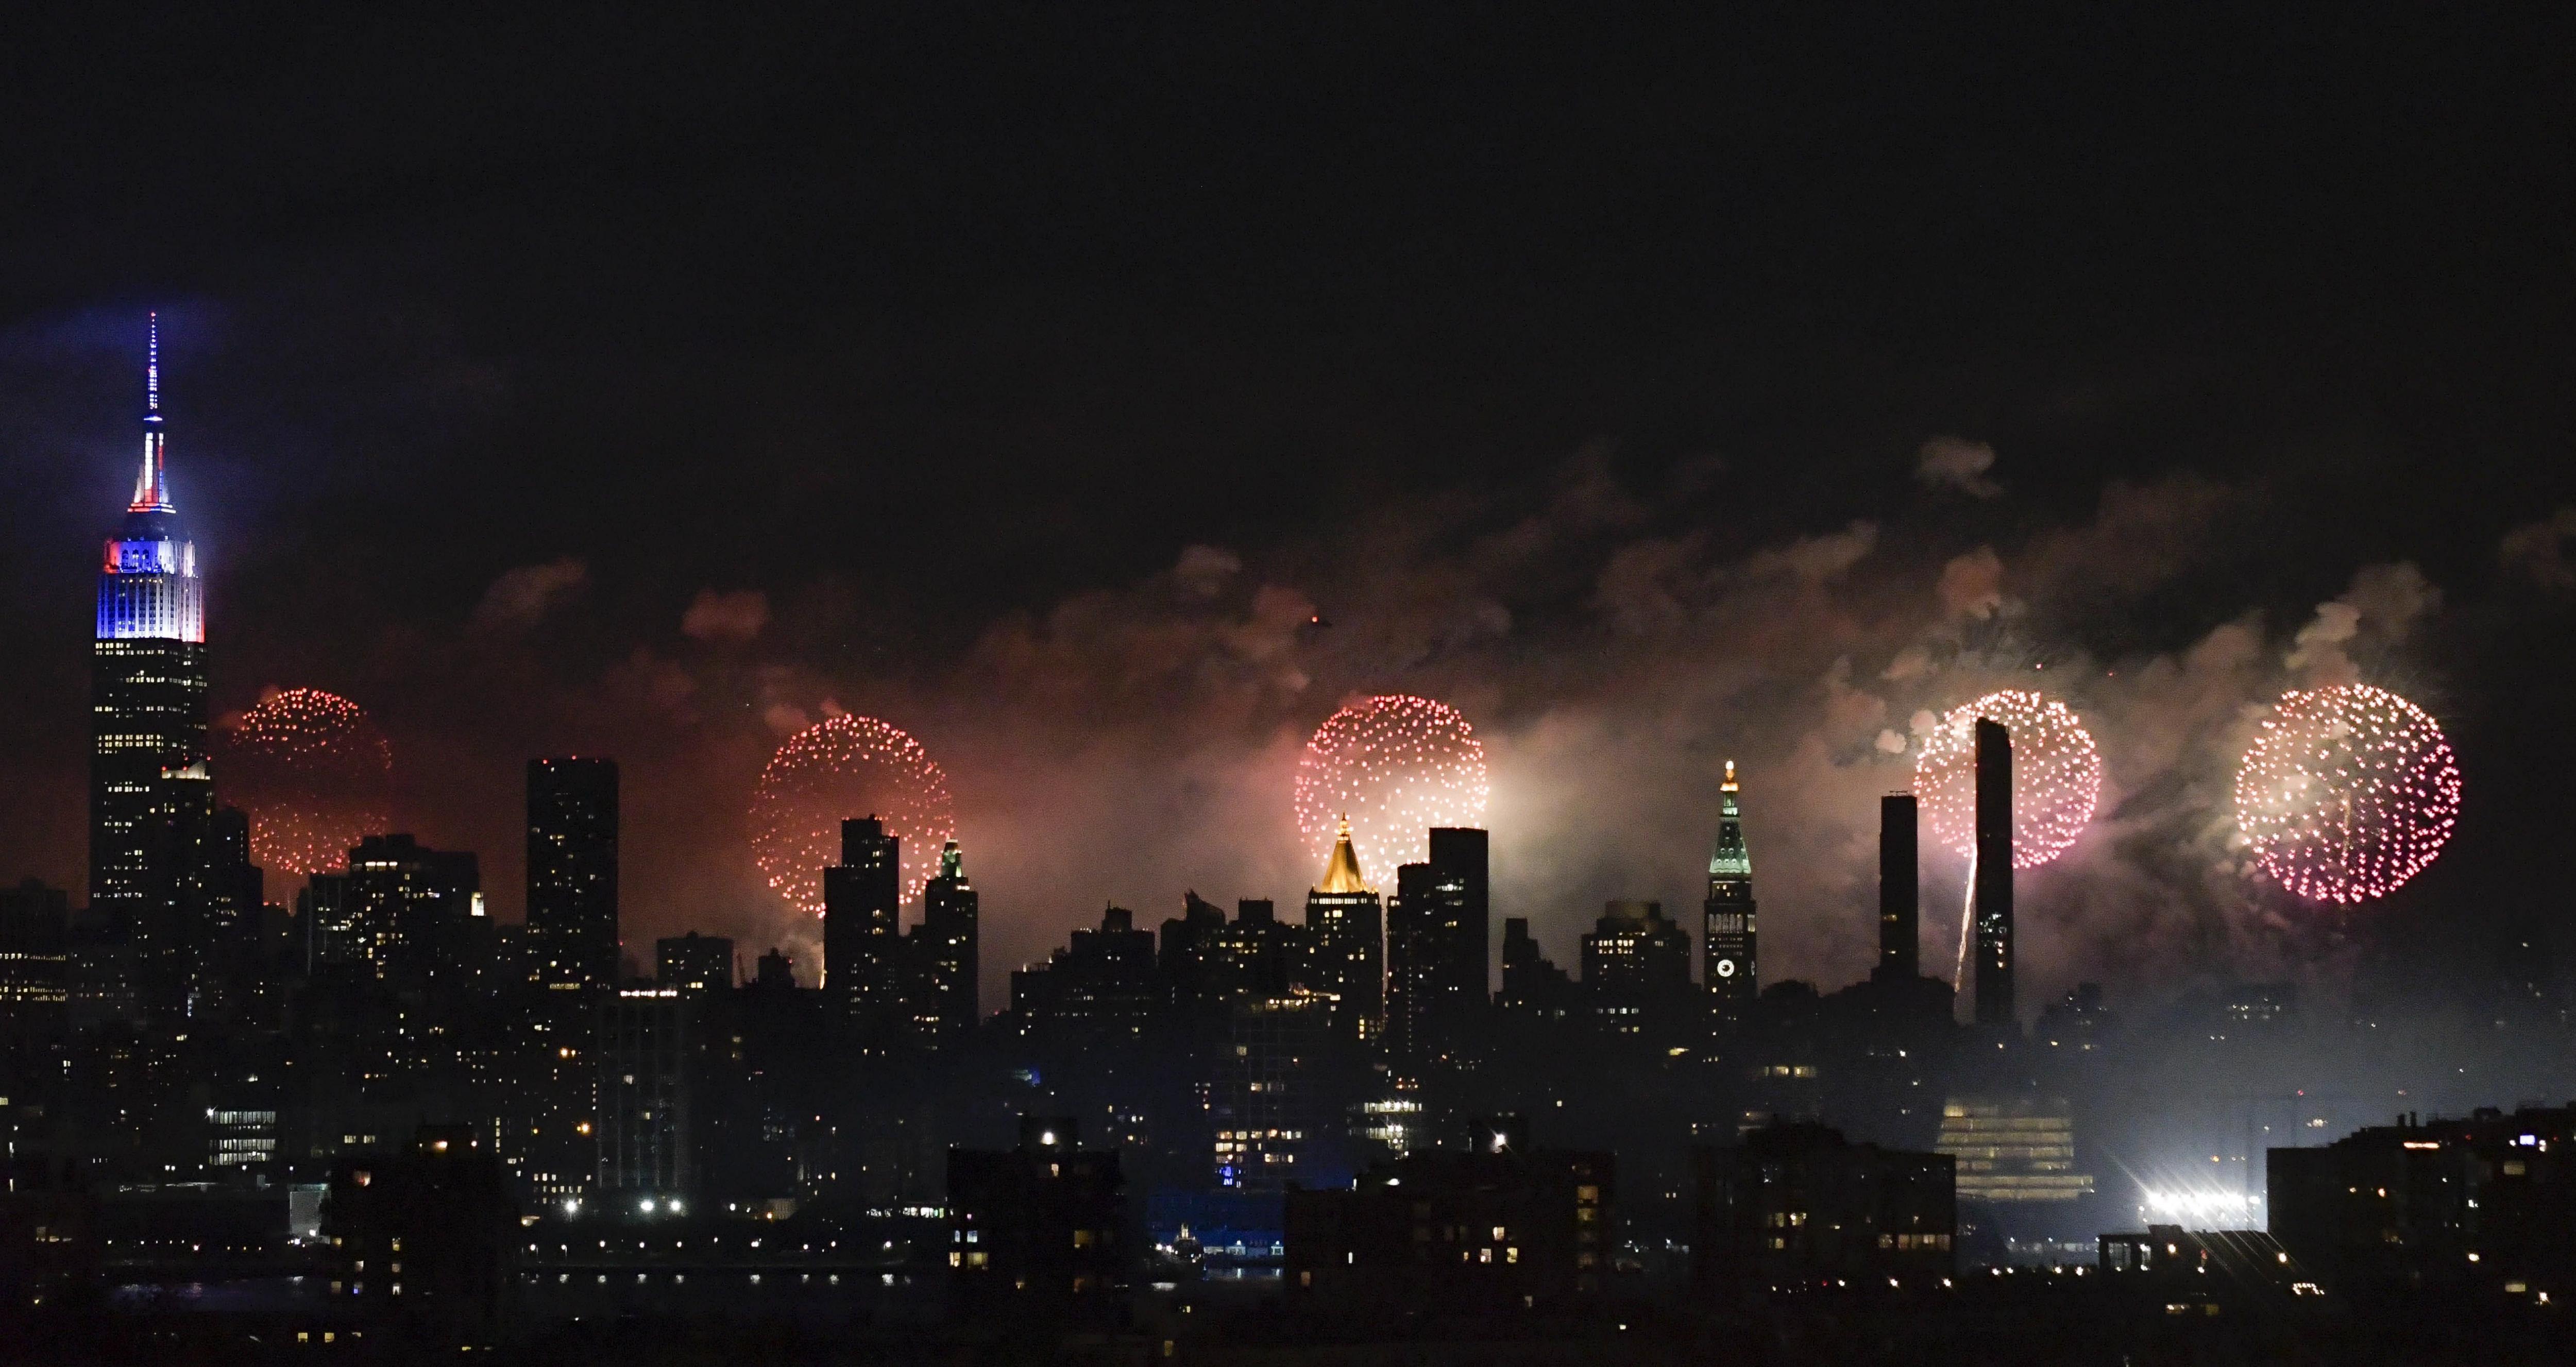 Vista dels focs artificials llançats a prop a l'Empire State Building durant la celebració del Dia de la Independència a Nova York (EUA). /PORTER BINKS